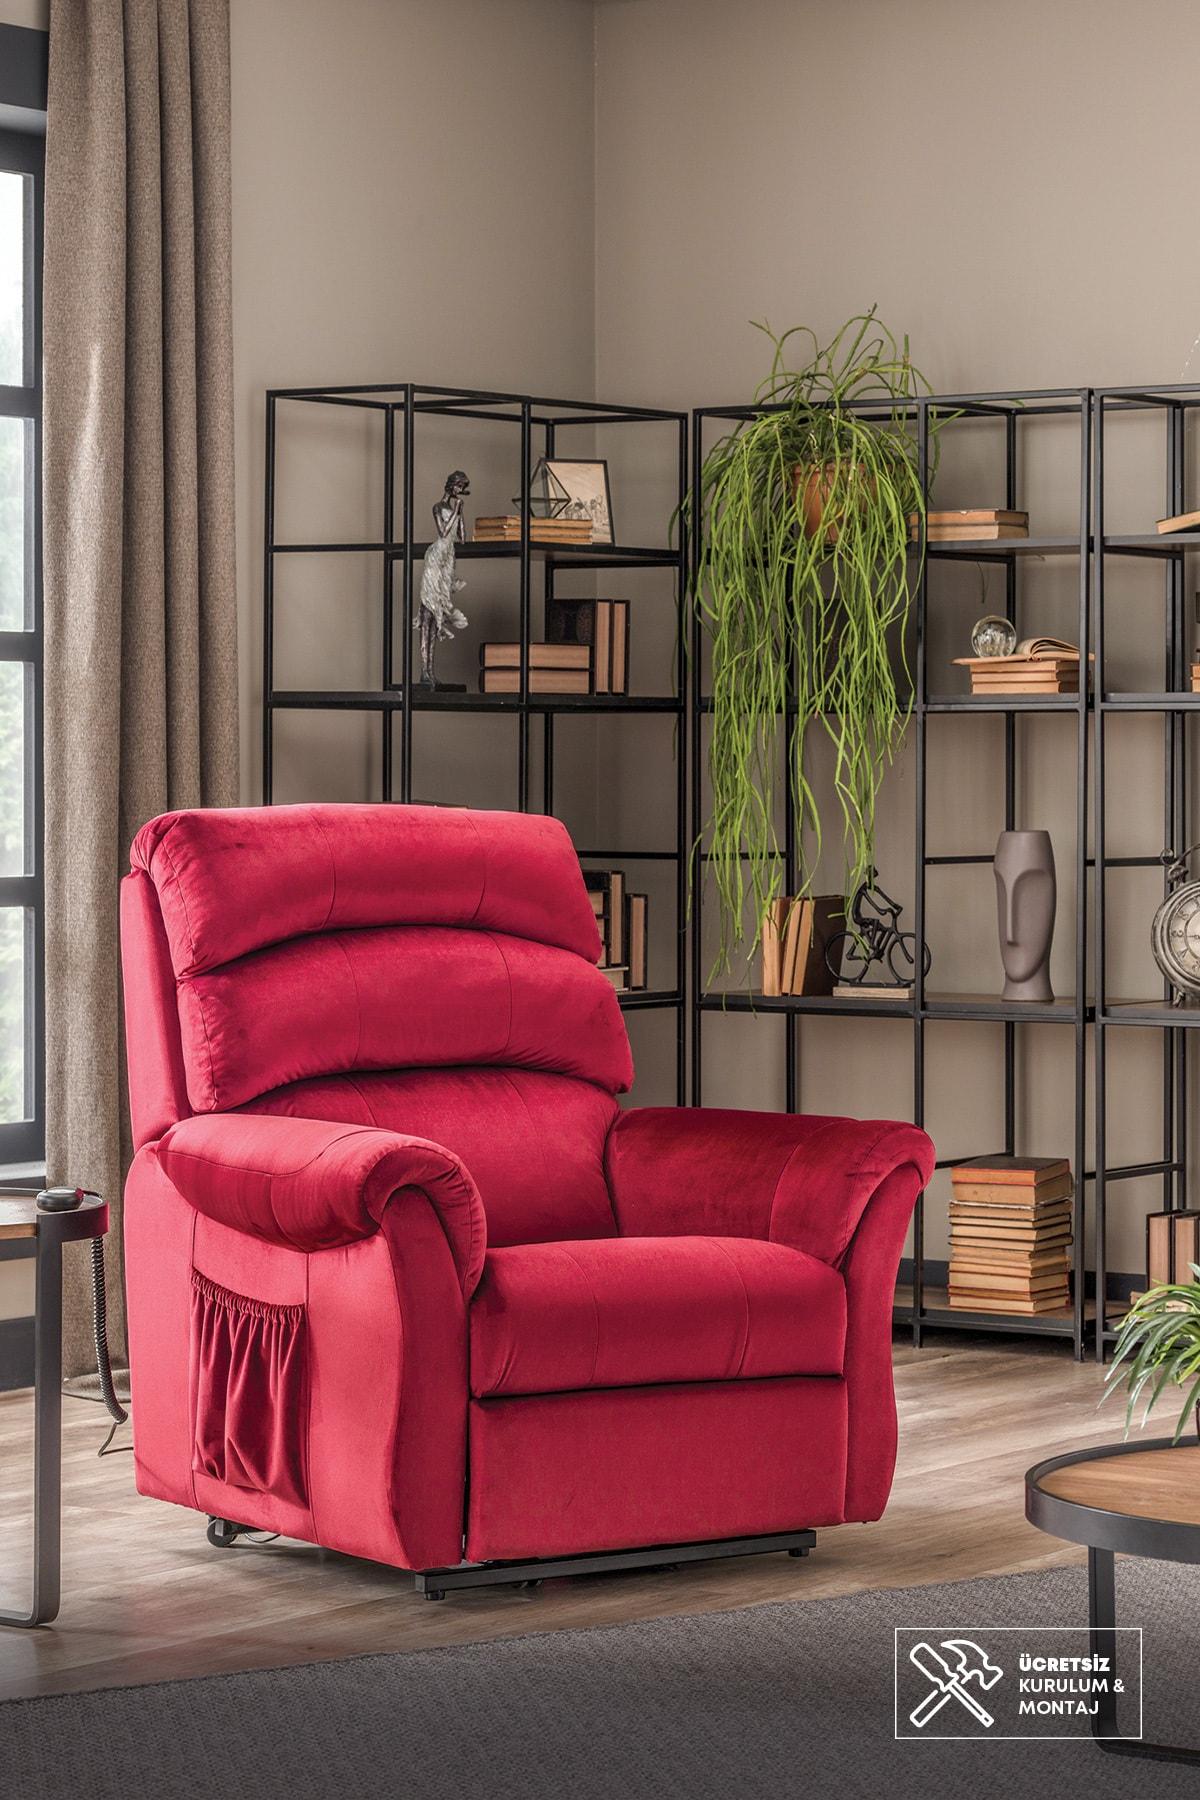 Enza Home ARİZONA Lift Mekanizmalı Baba Koltuğu (Kırmızı-Taytüyü Desenli Kumaş)